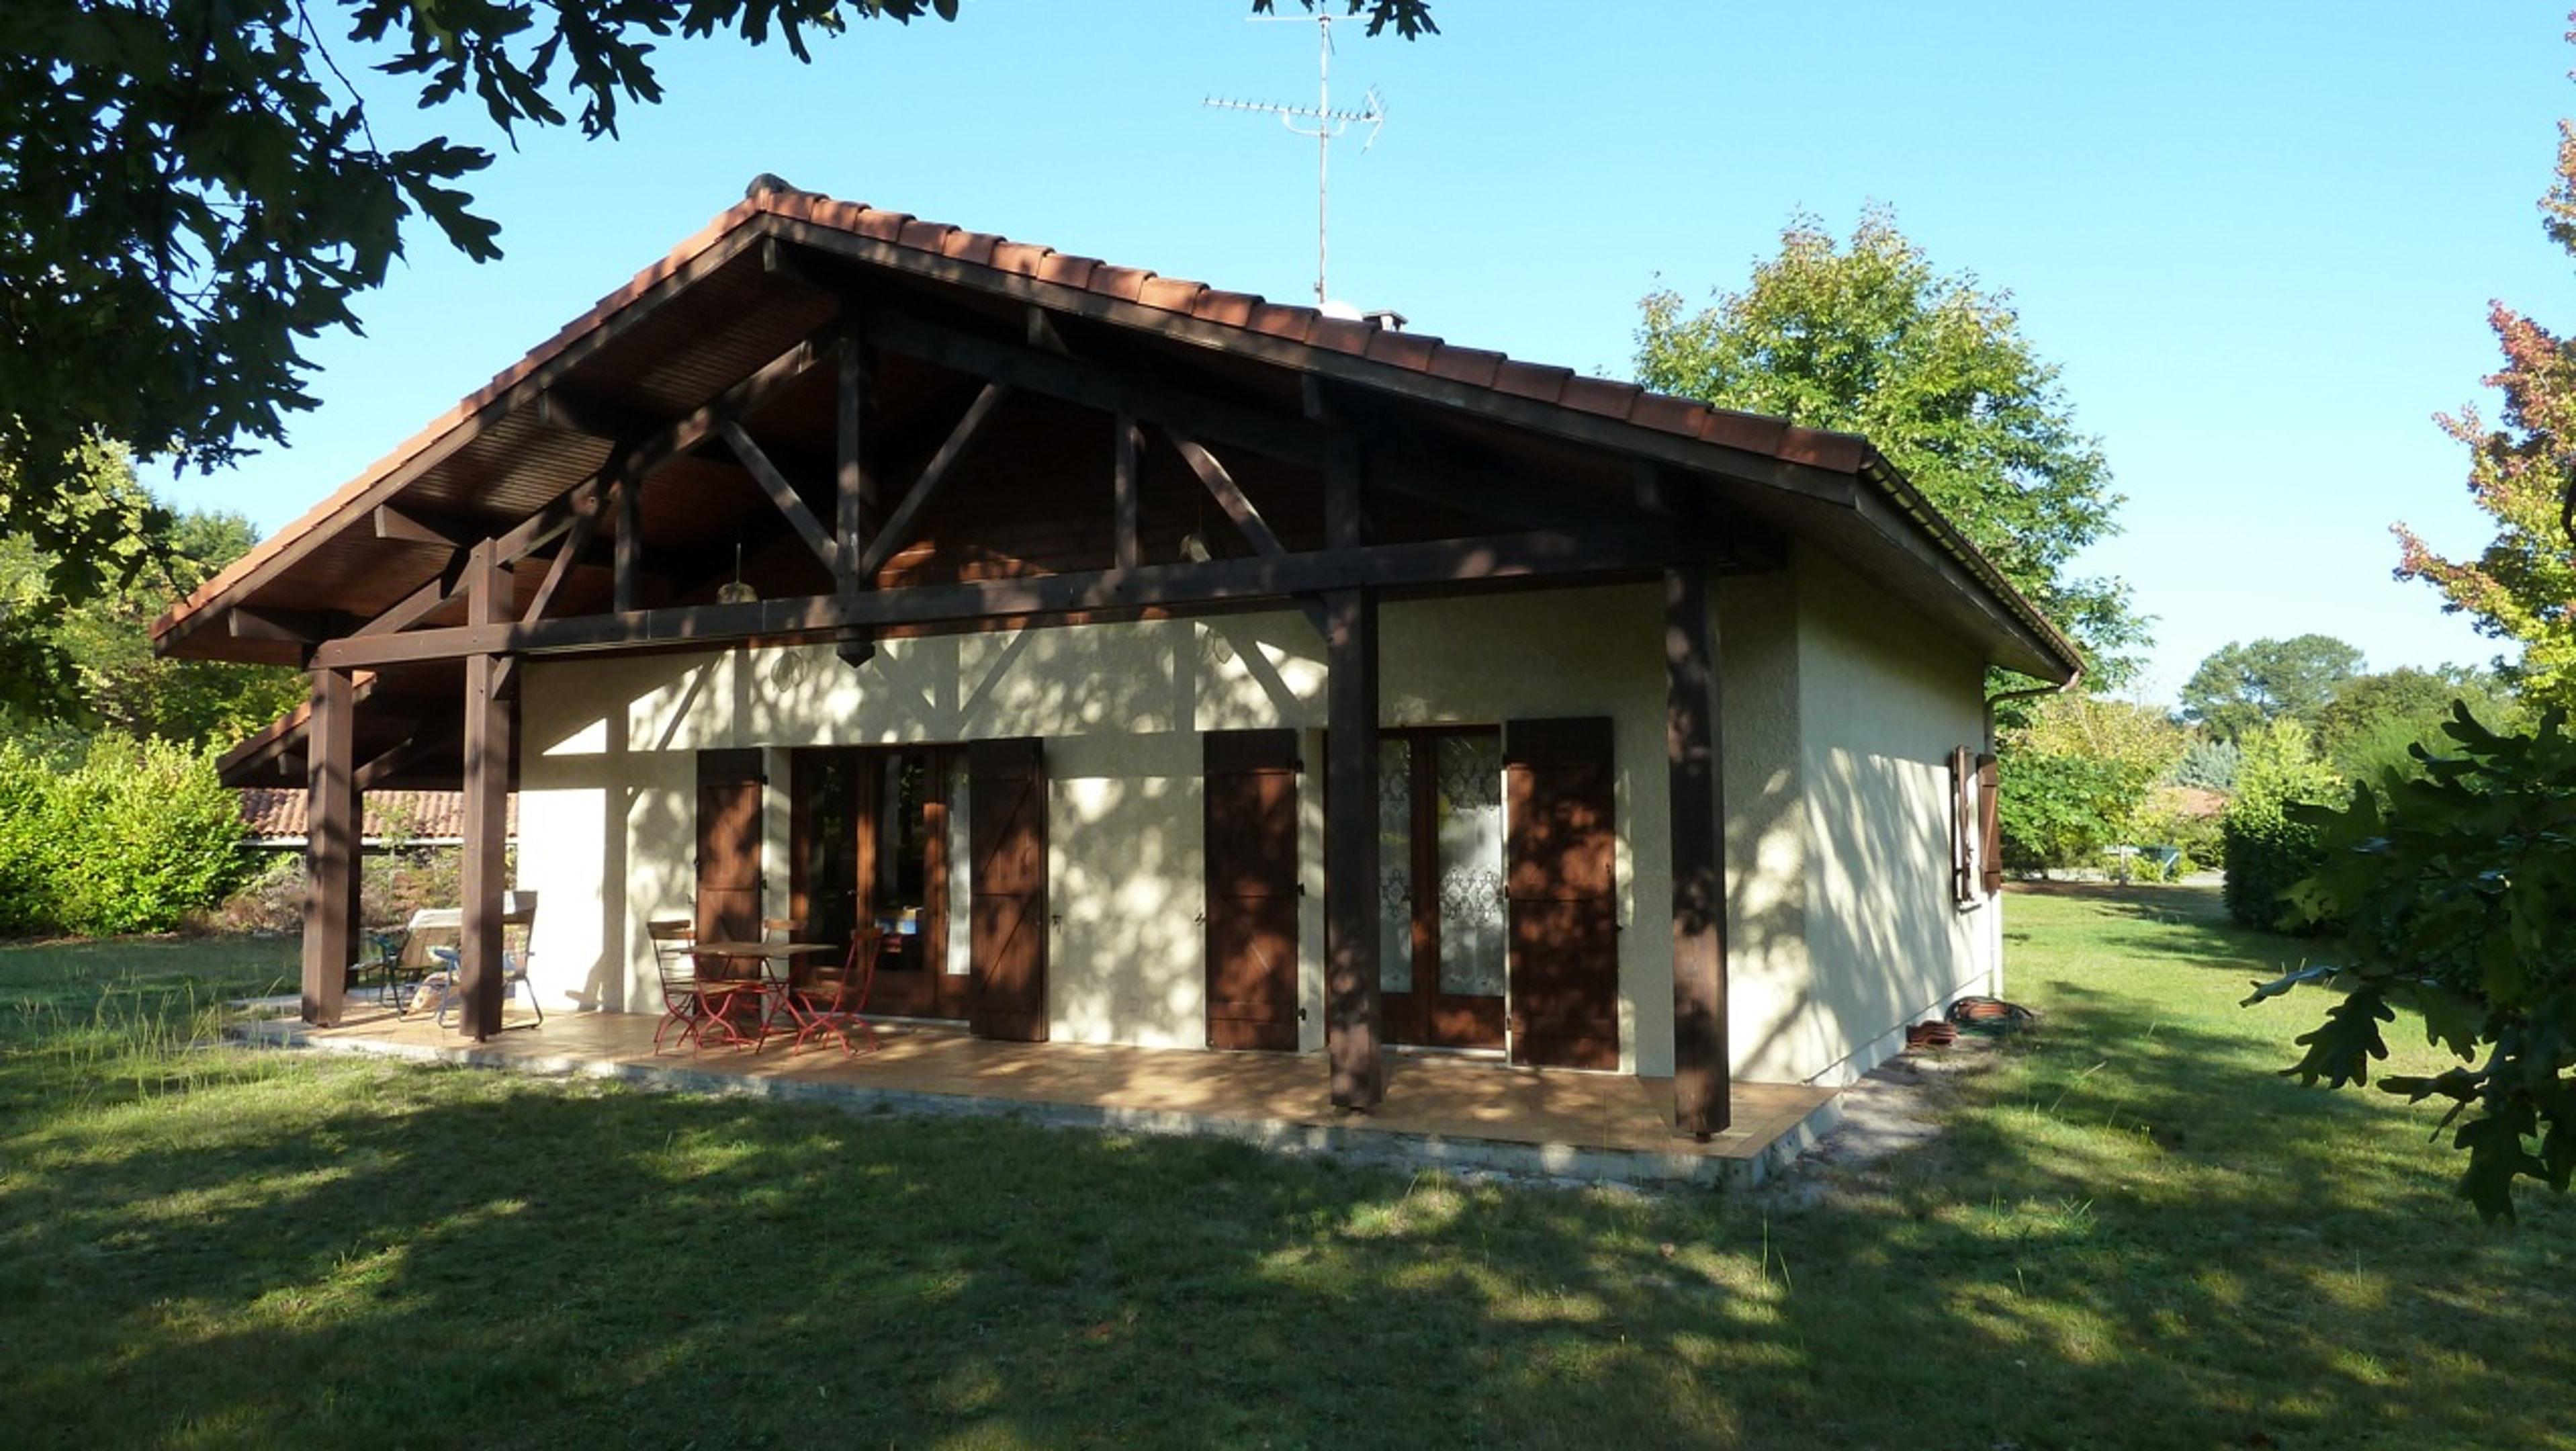 Haus mit 2 Schlafzimmern in Mézos mit m&oum Ferienhaus